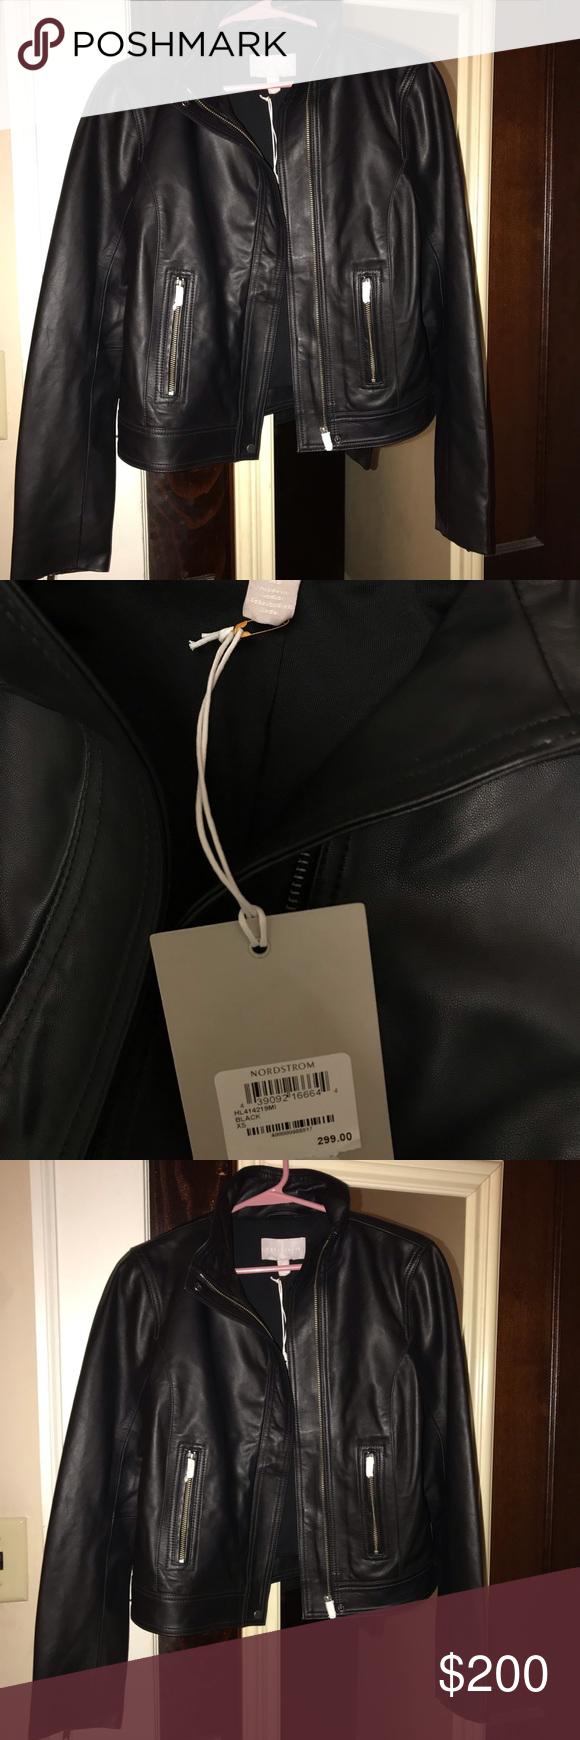 Nwt Chelsea28 Leather Moto Jacket Leather Moto Jacket Moto Jacket Leather Moto [ 1740 x 580 Pixel ]